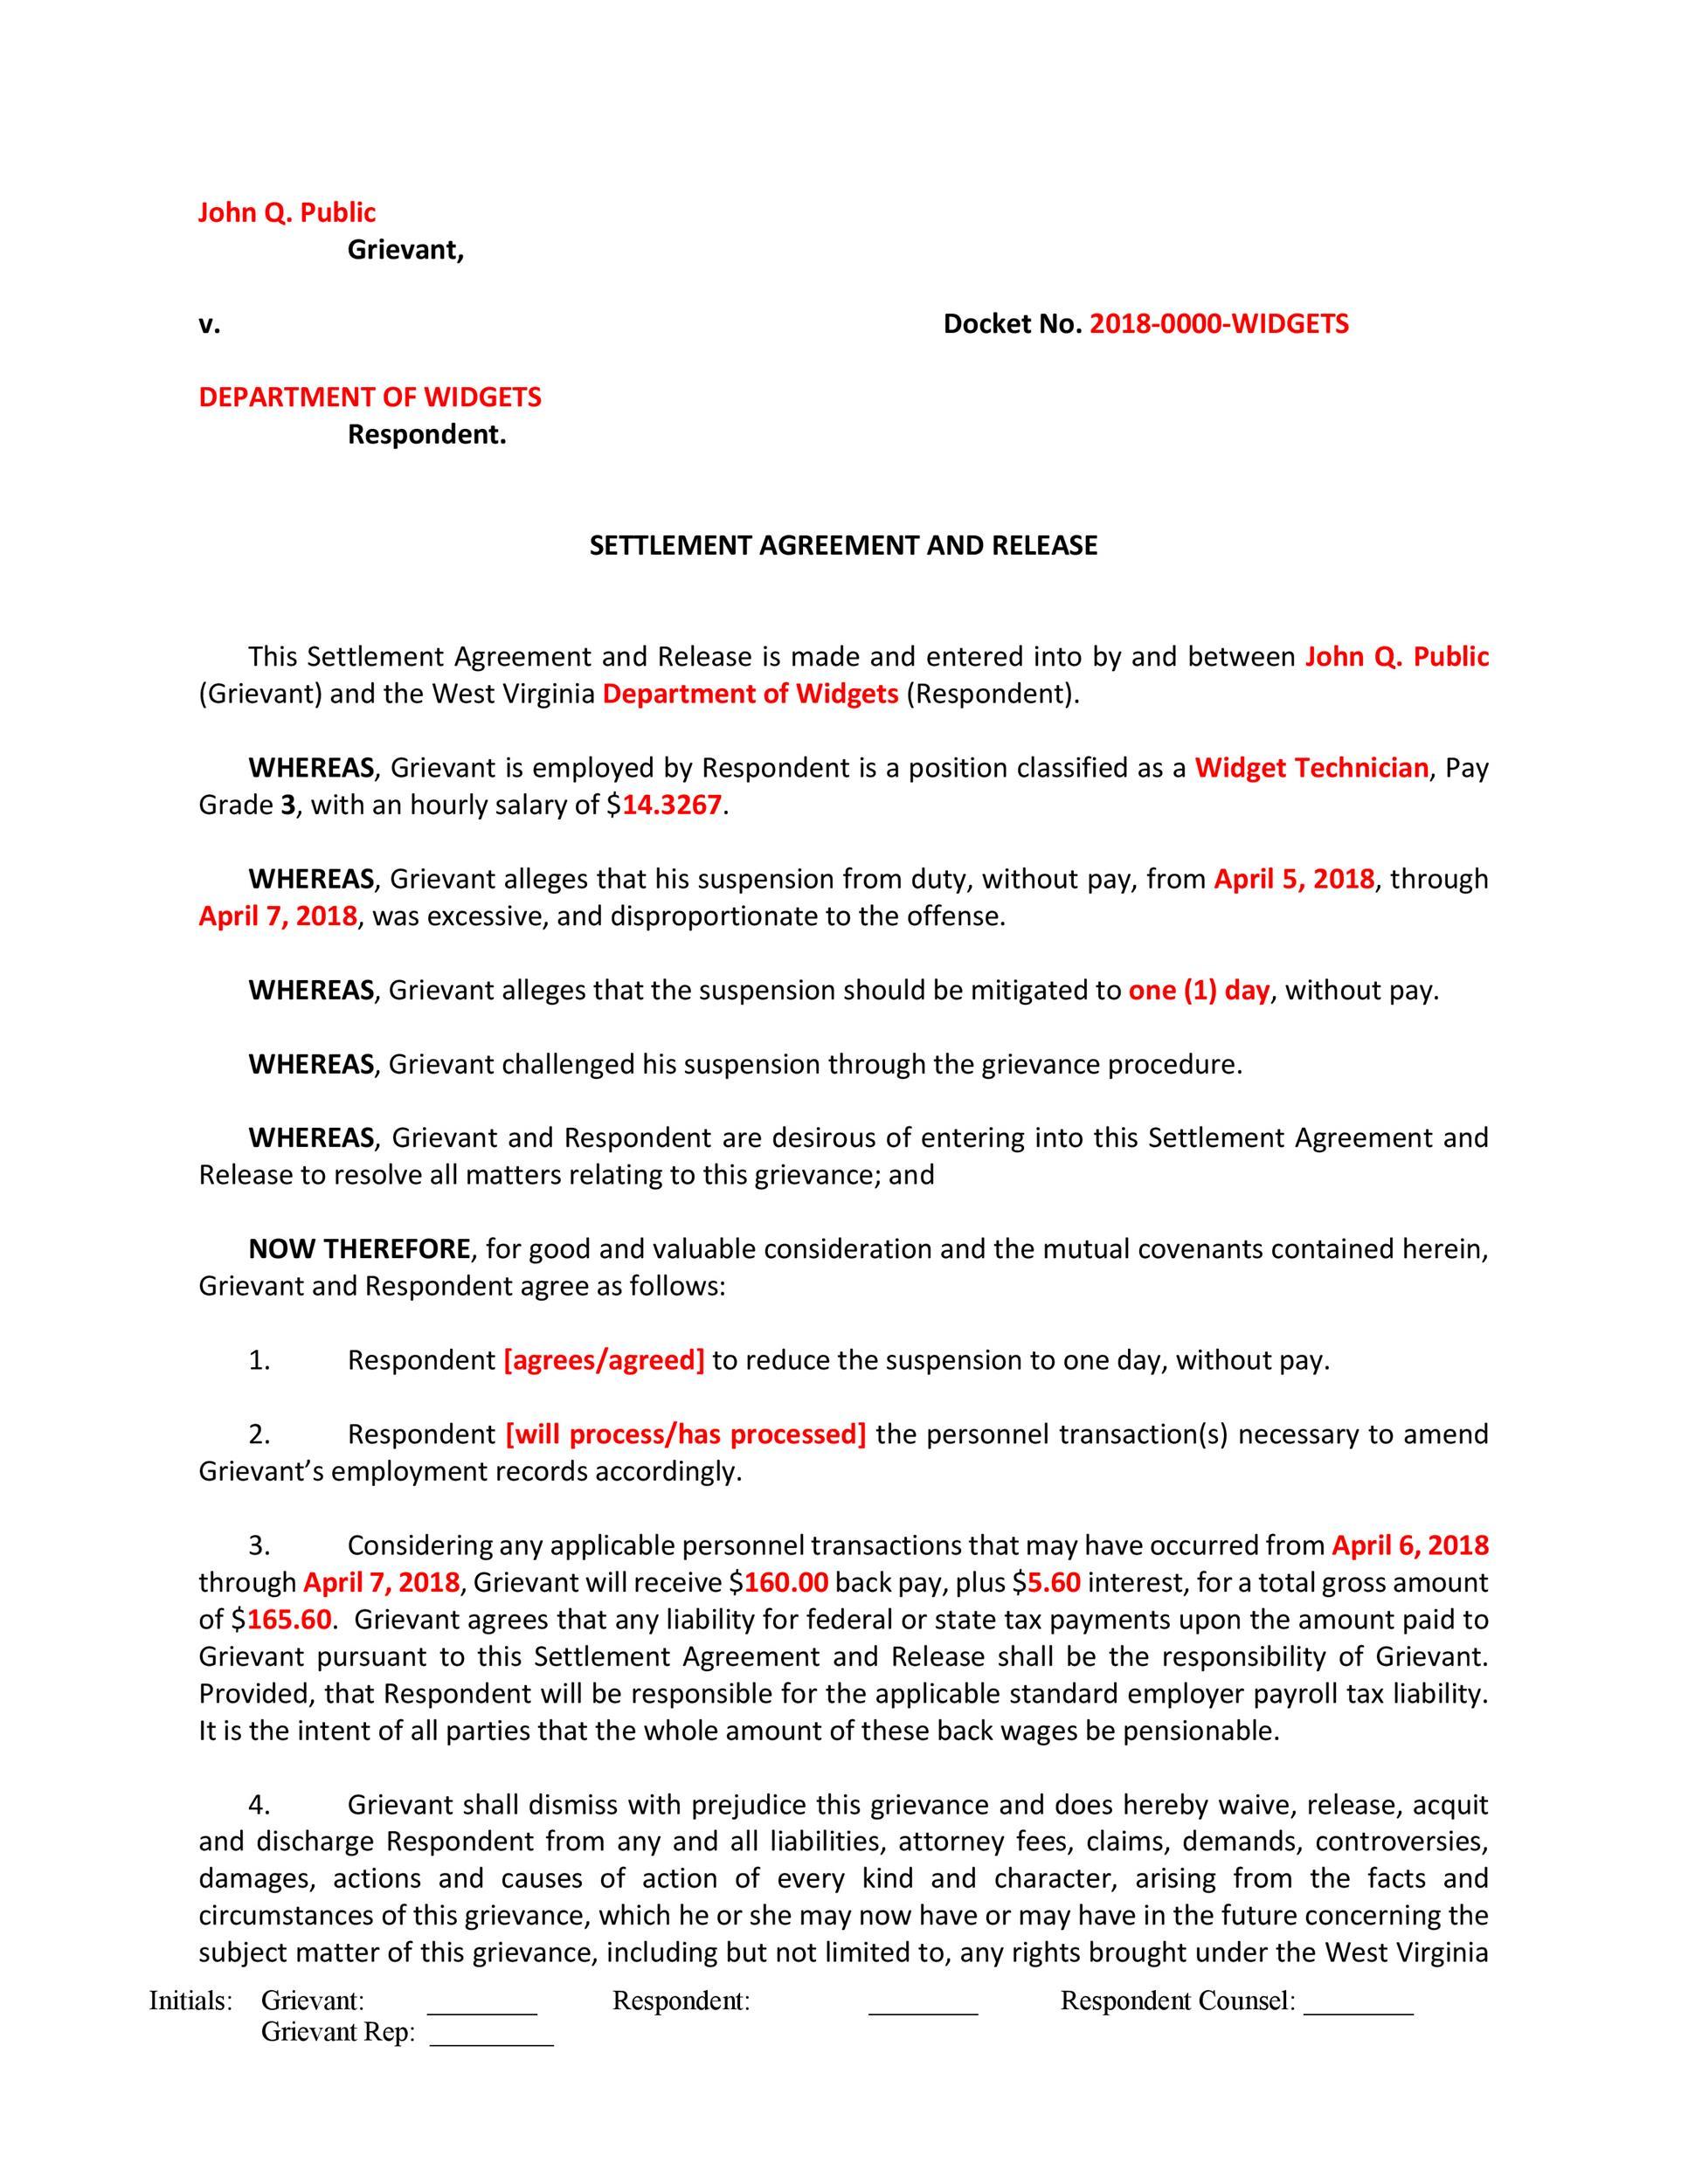 Free settlement agreement 22